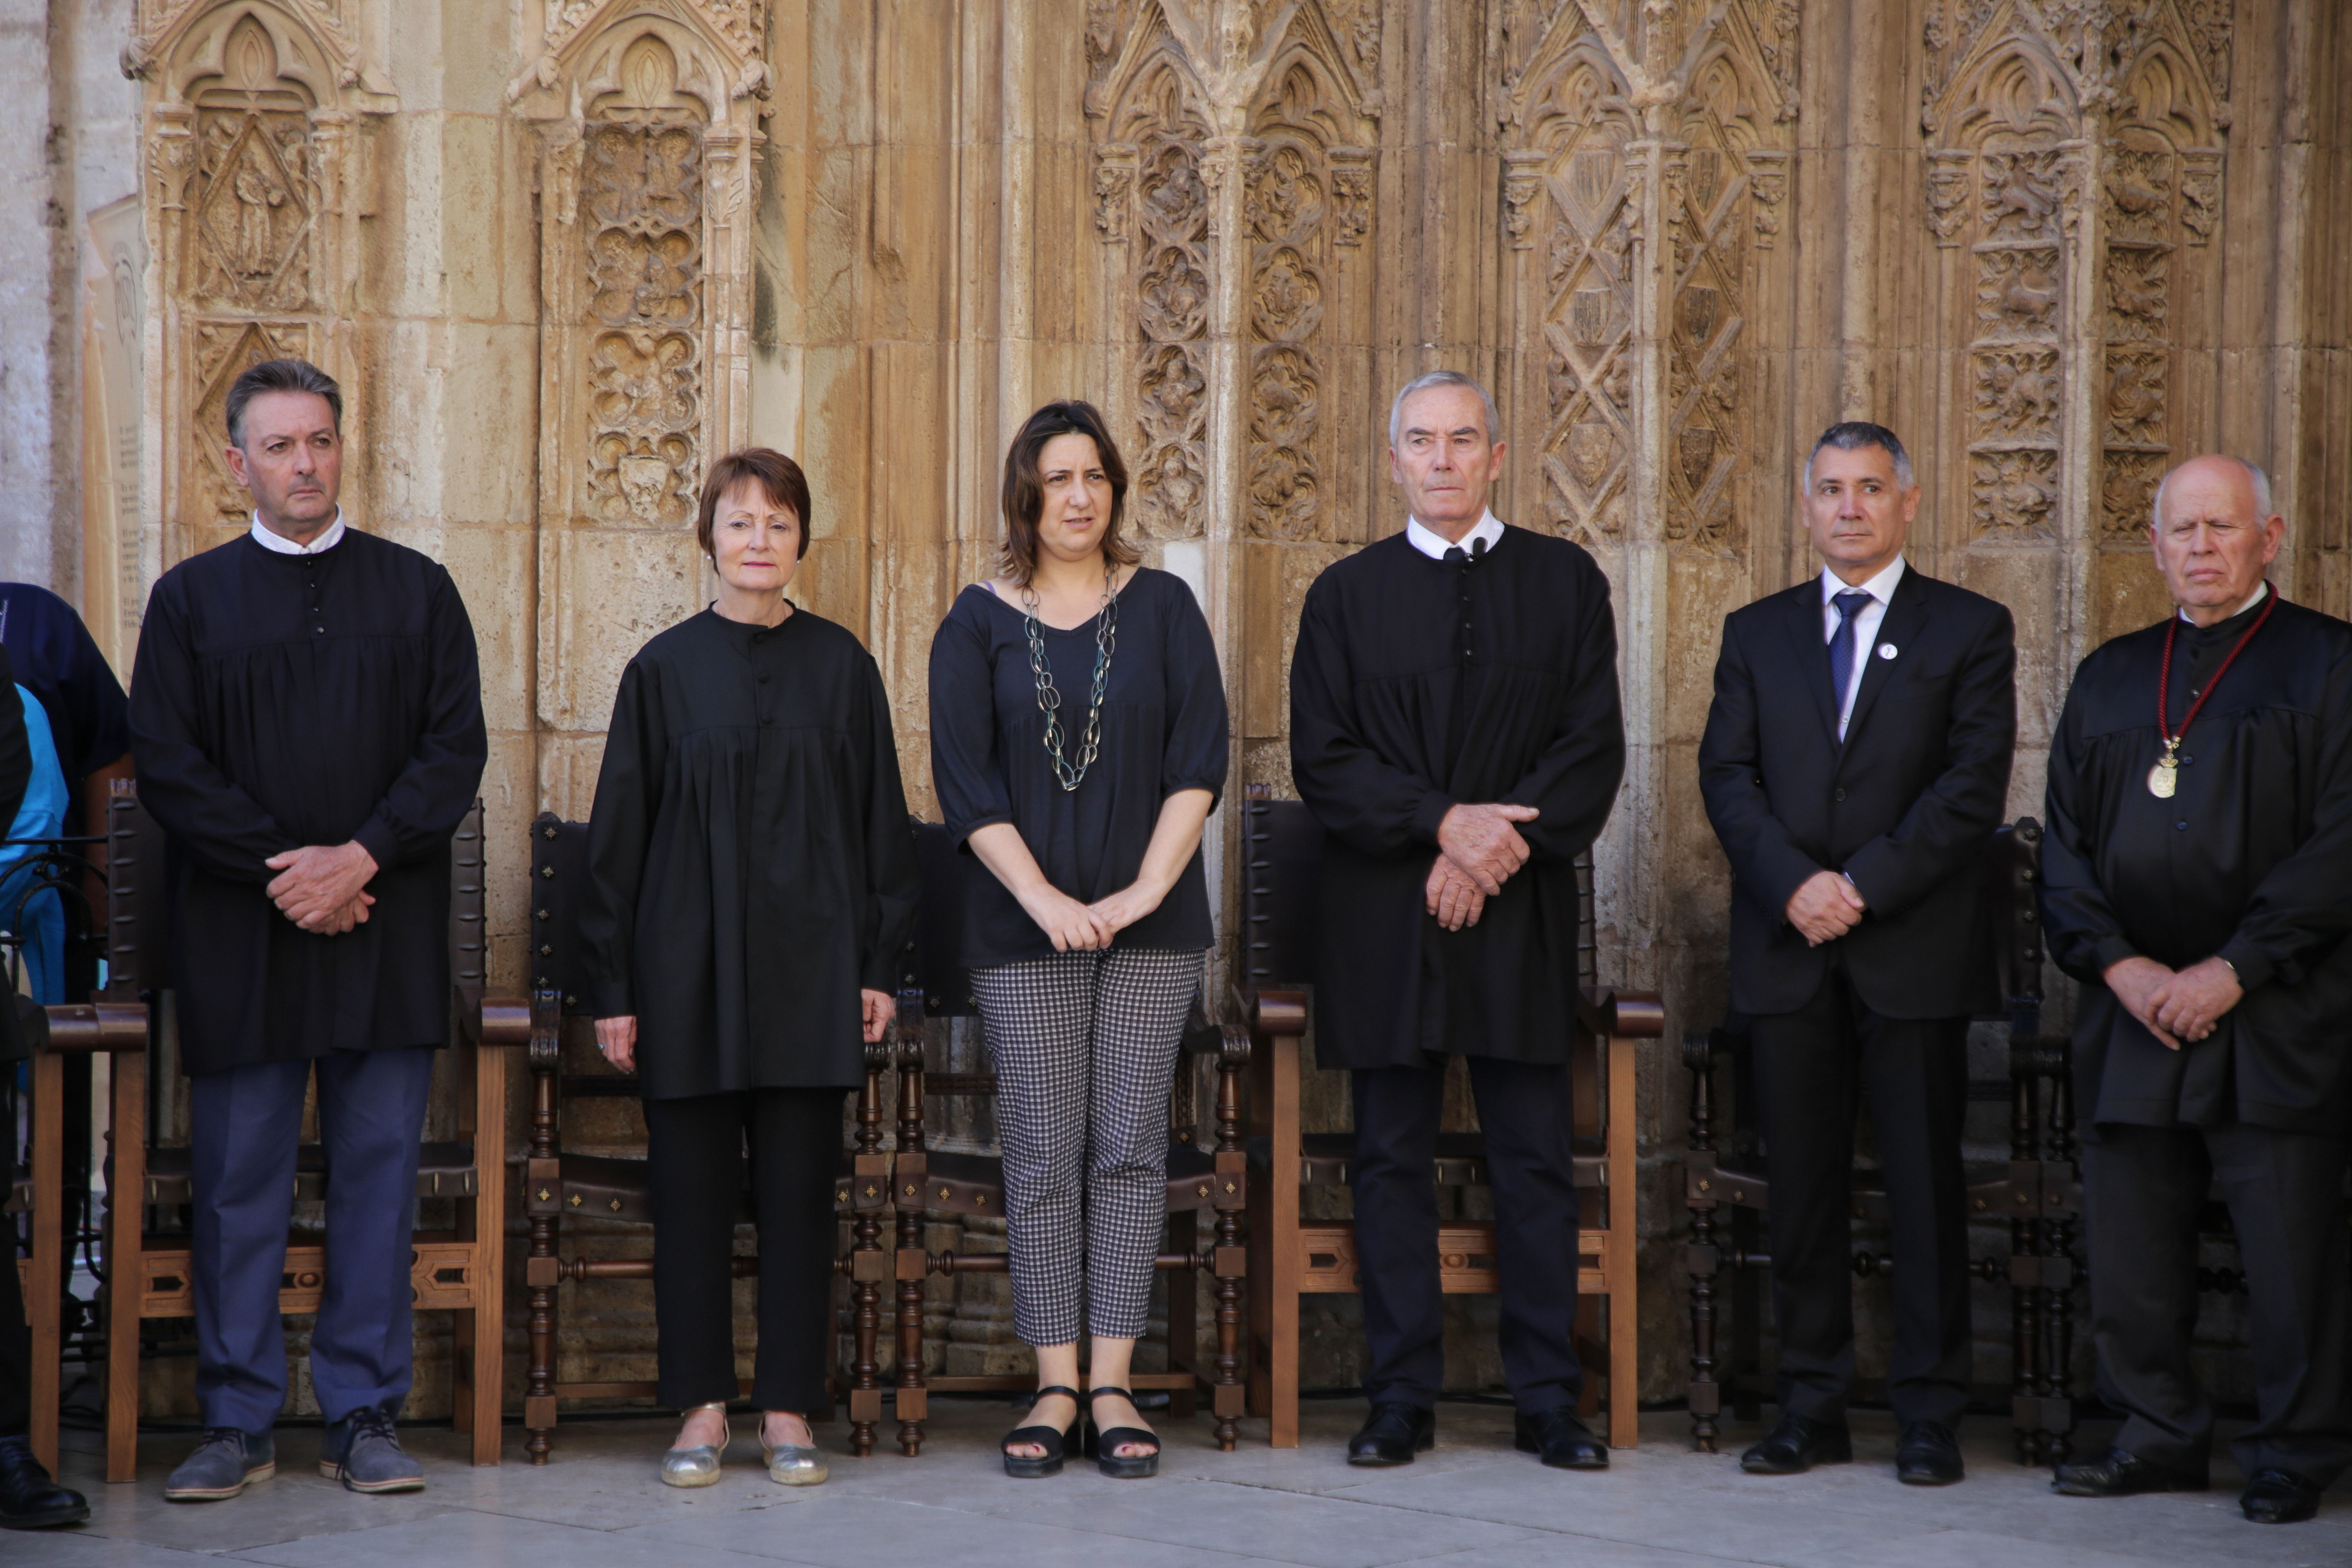 """Pérez Garijo: """"El Tribunal de les Aigües constitueix un patrimoni molt valuós per al nostre poble i una eina bàsica del nostre autogovern"""""""